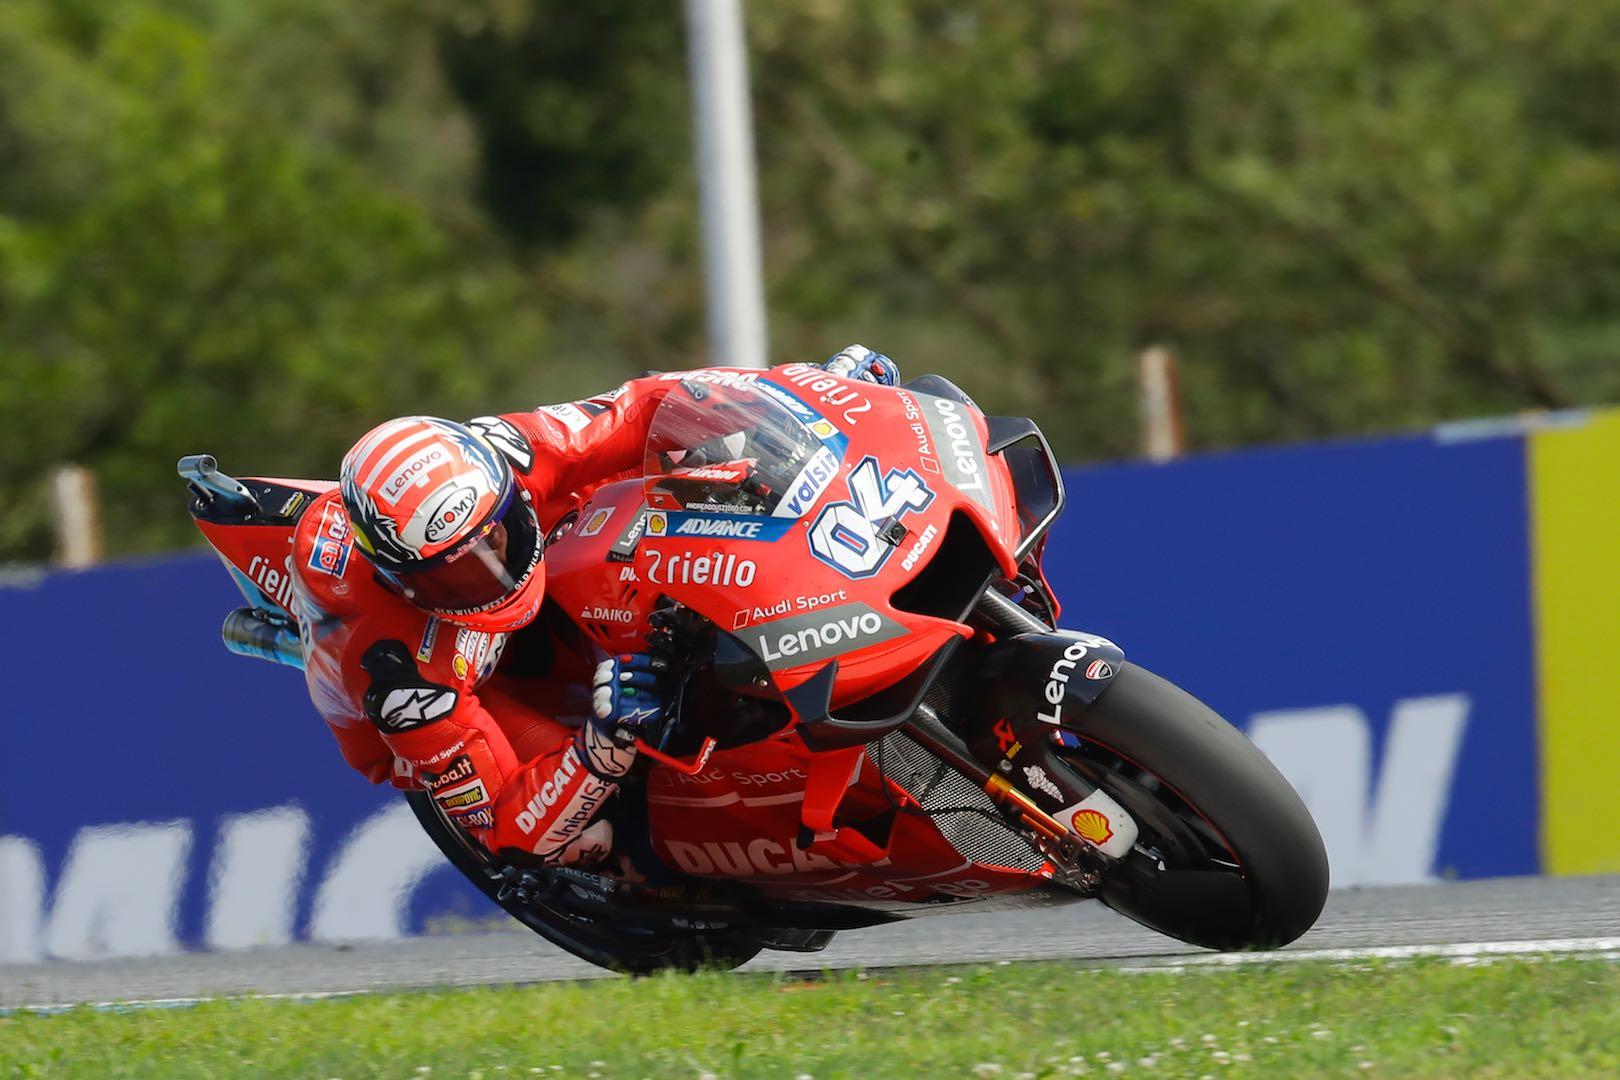 Ducati's Andrea Dovizioso at Brno MotoGP